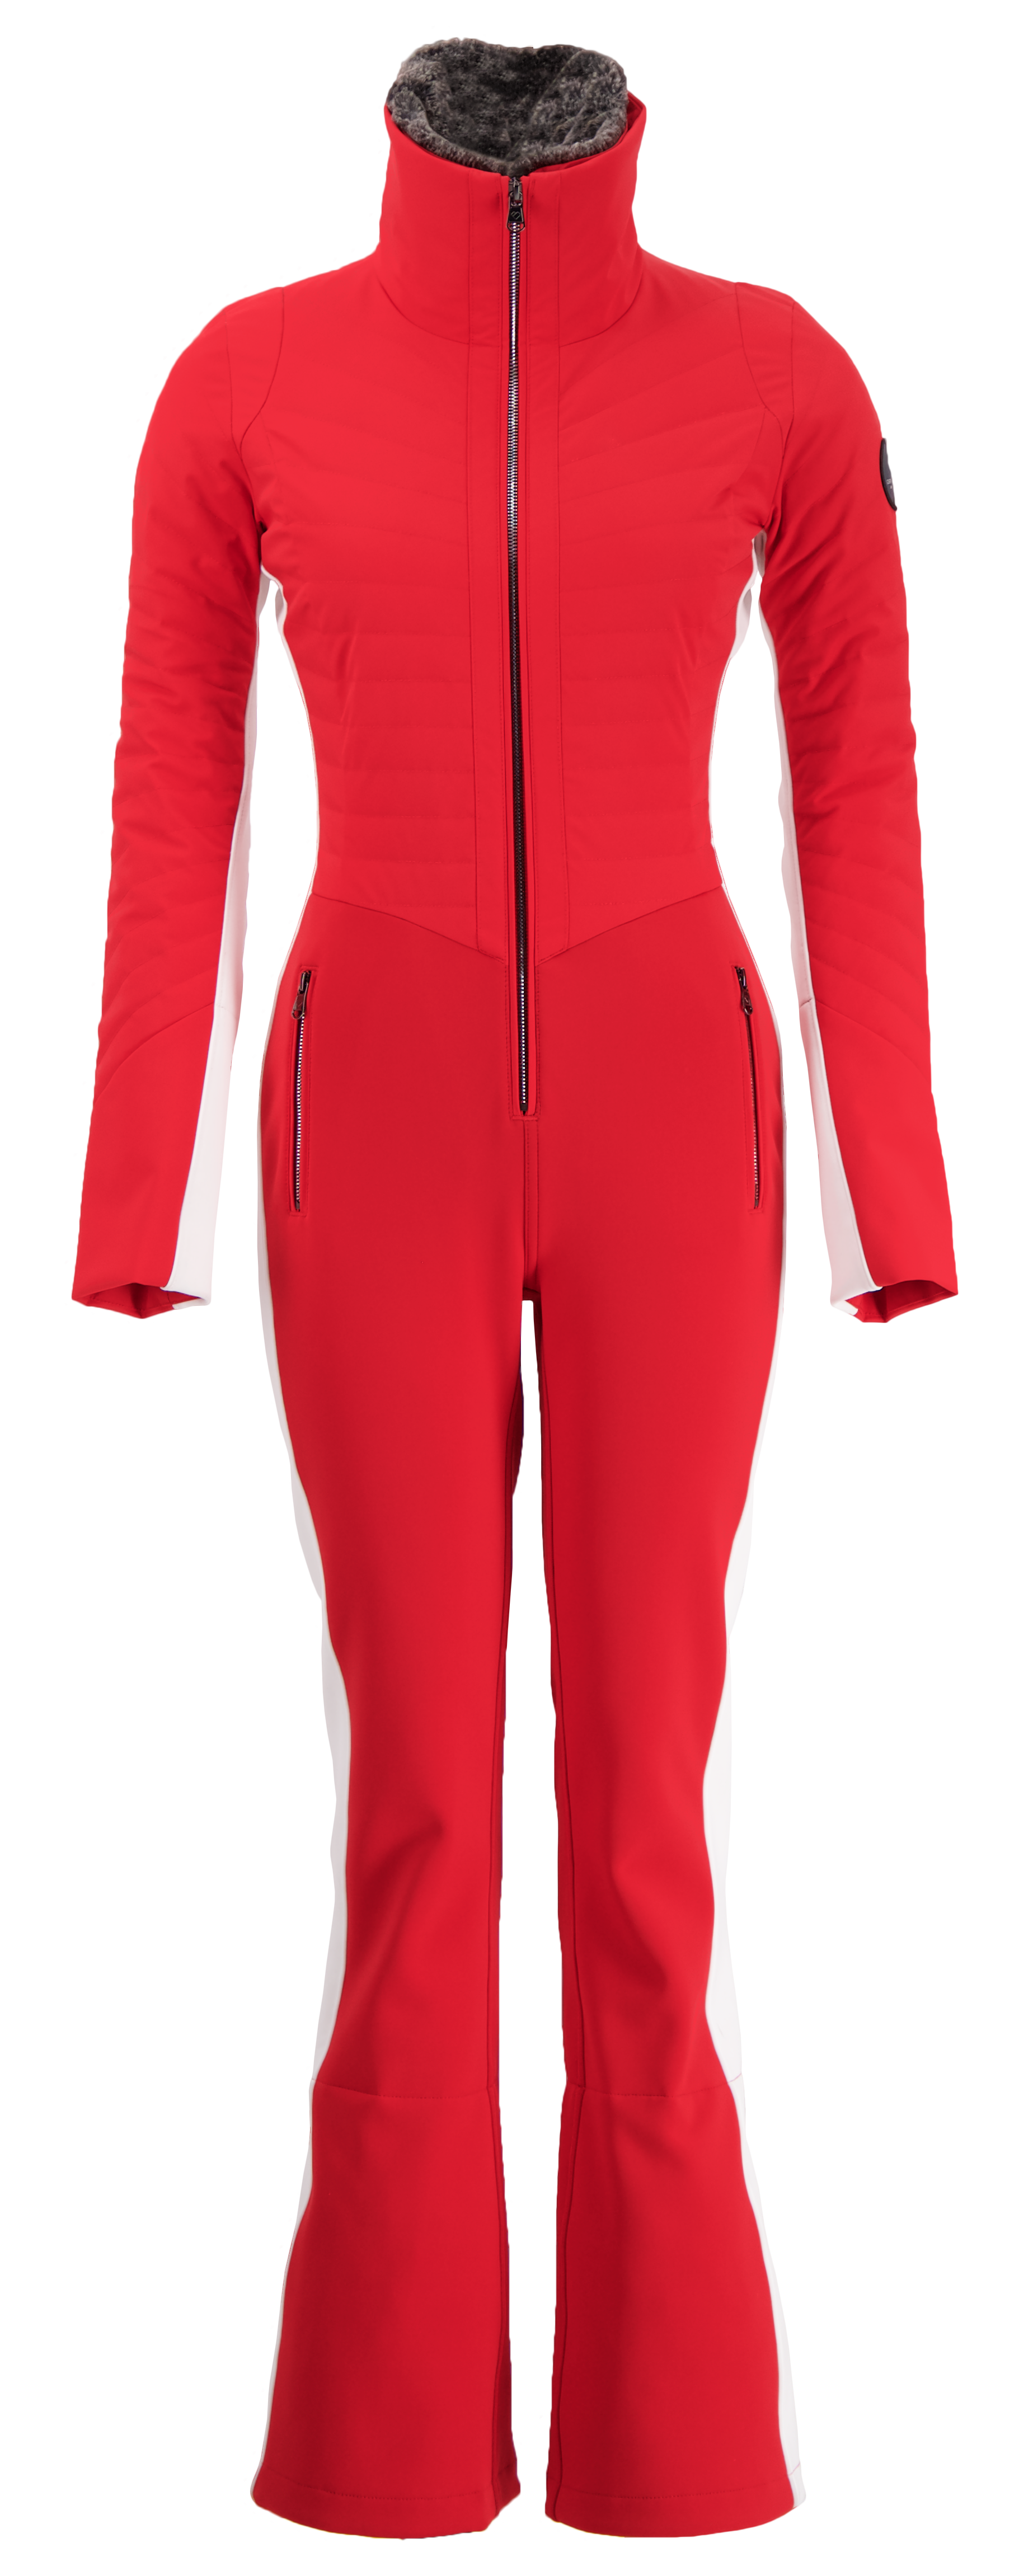 The 2021 Head Kore 93 W Women's Best in Test All-Mountain Ski